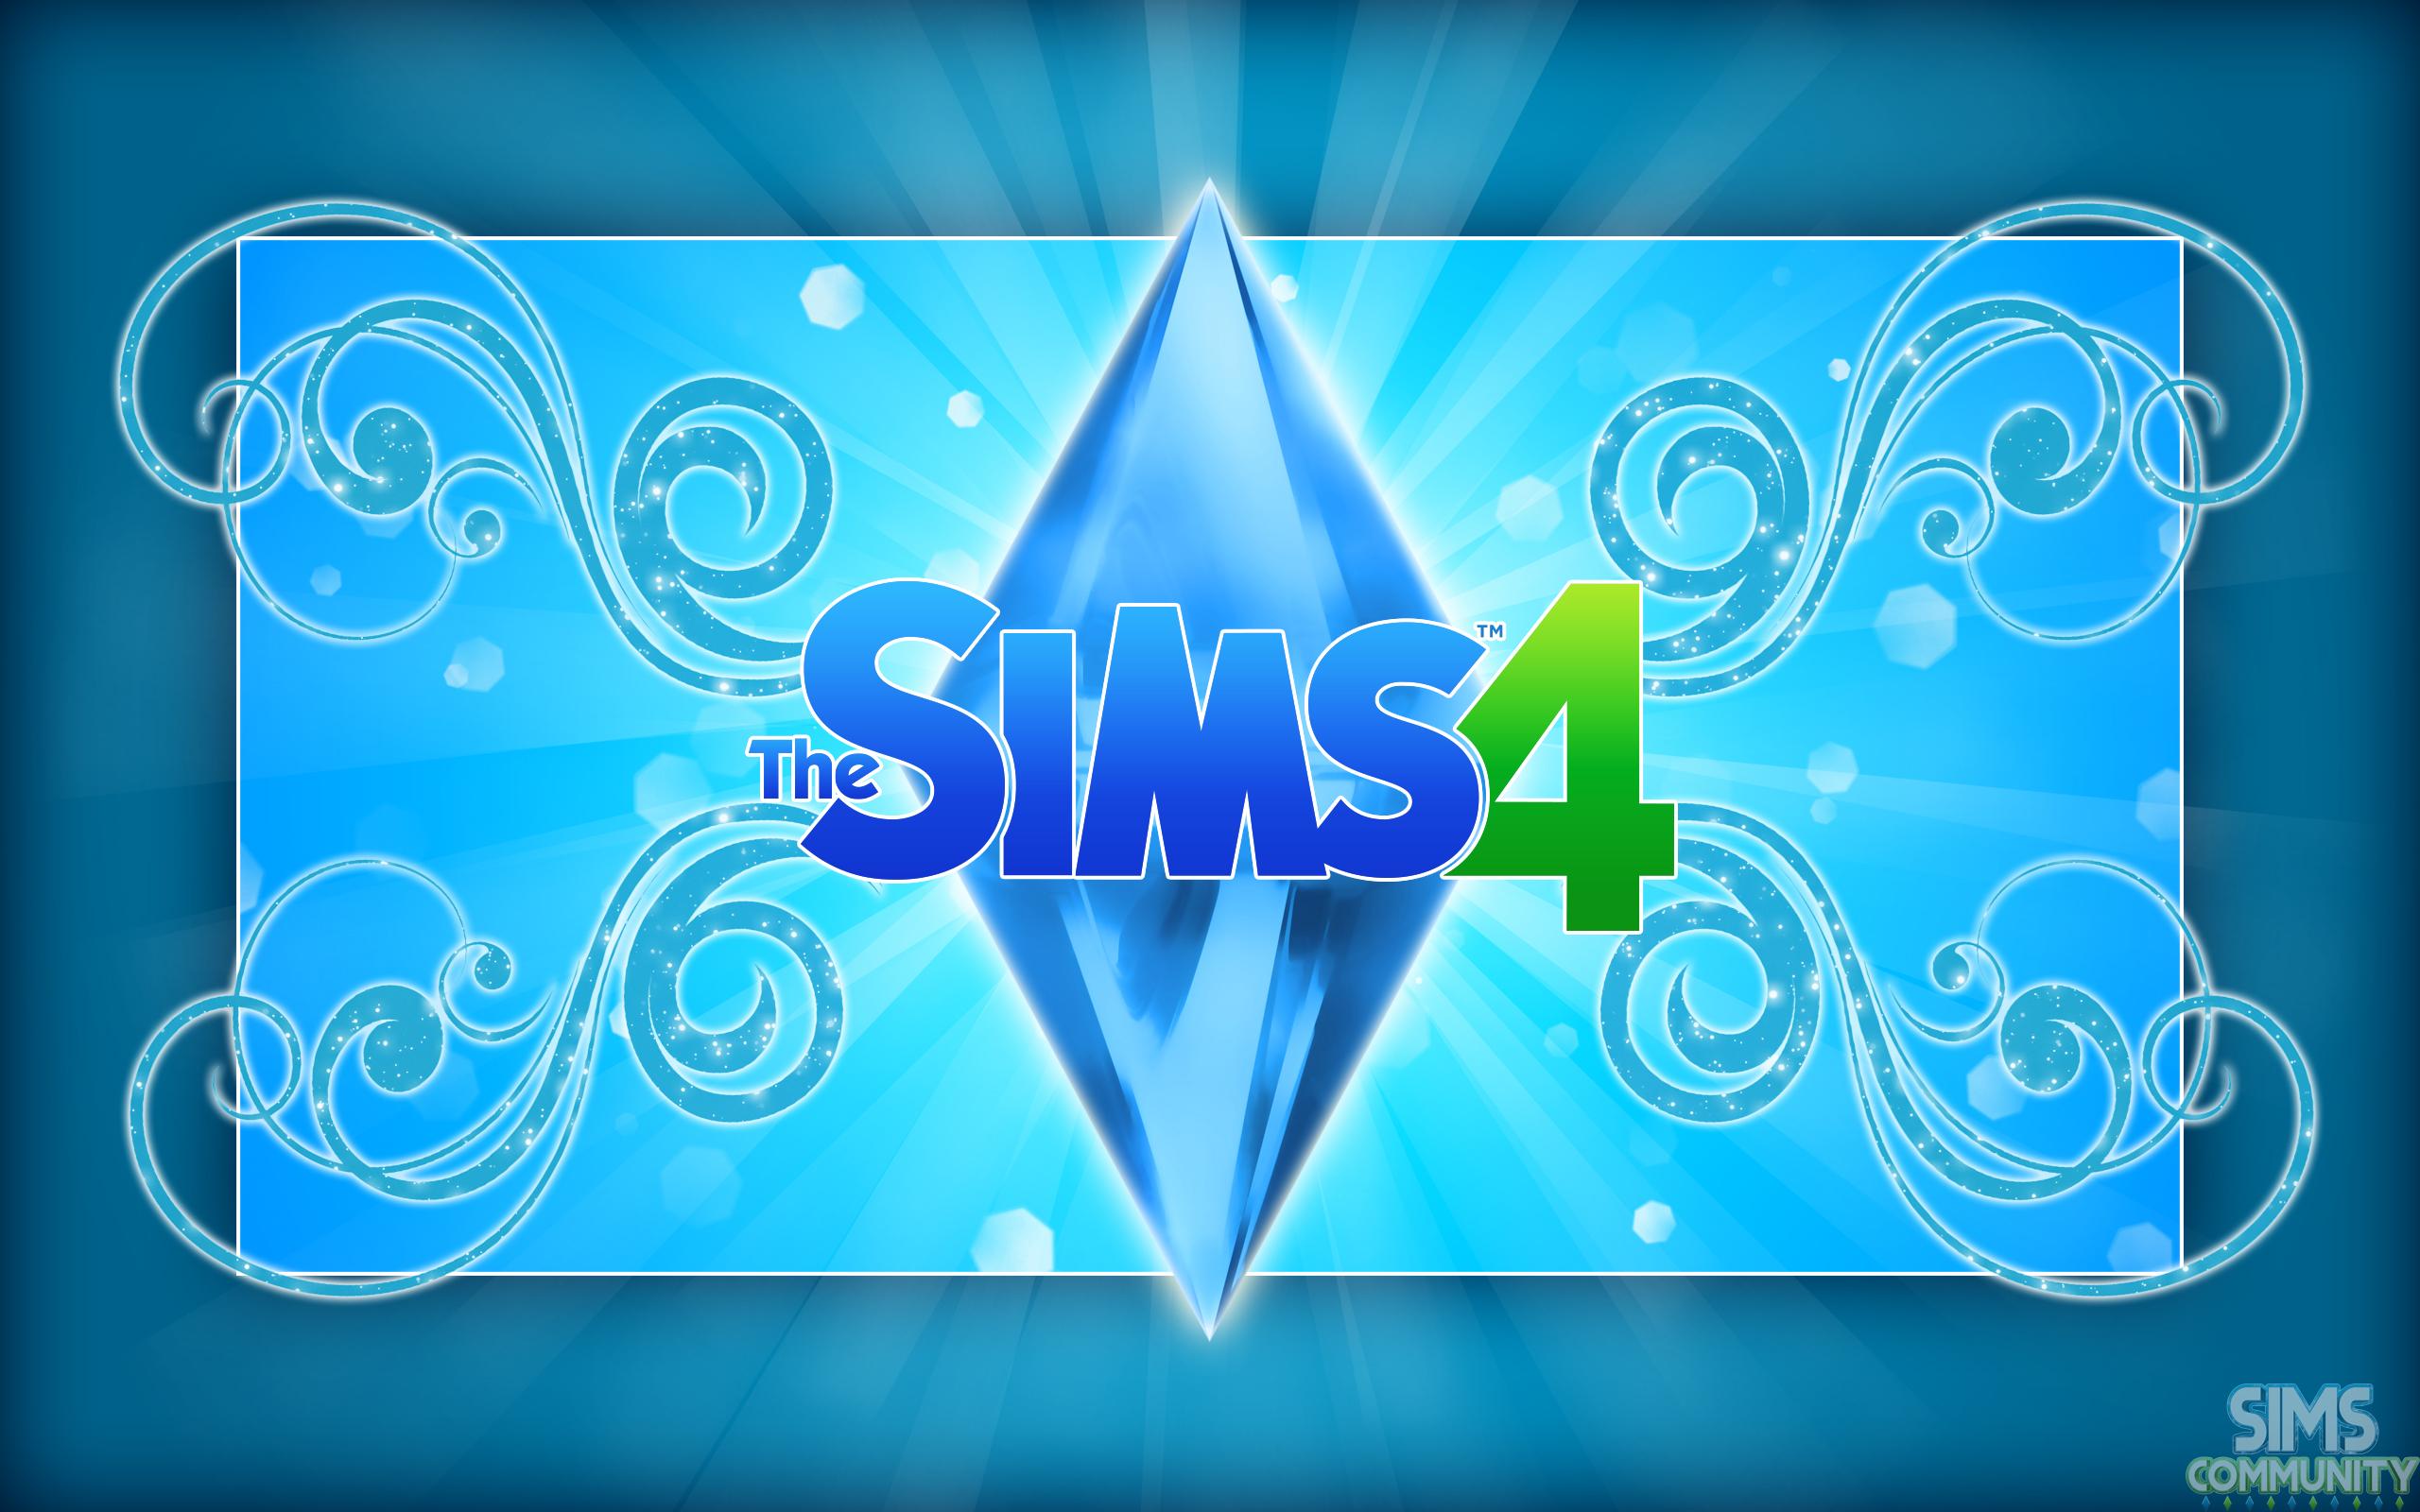 Pics Photos The Sims 4 Logo Wallpaper Hd